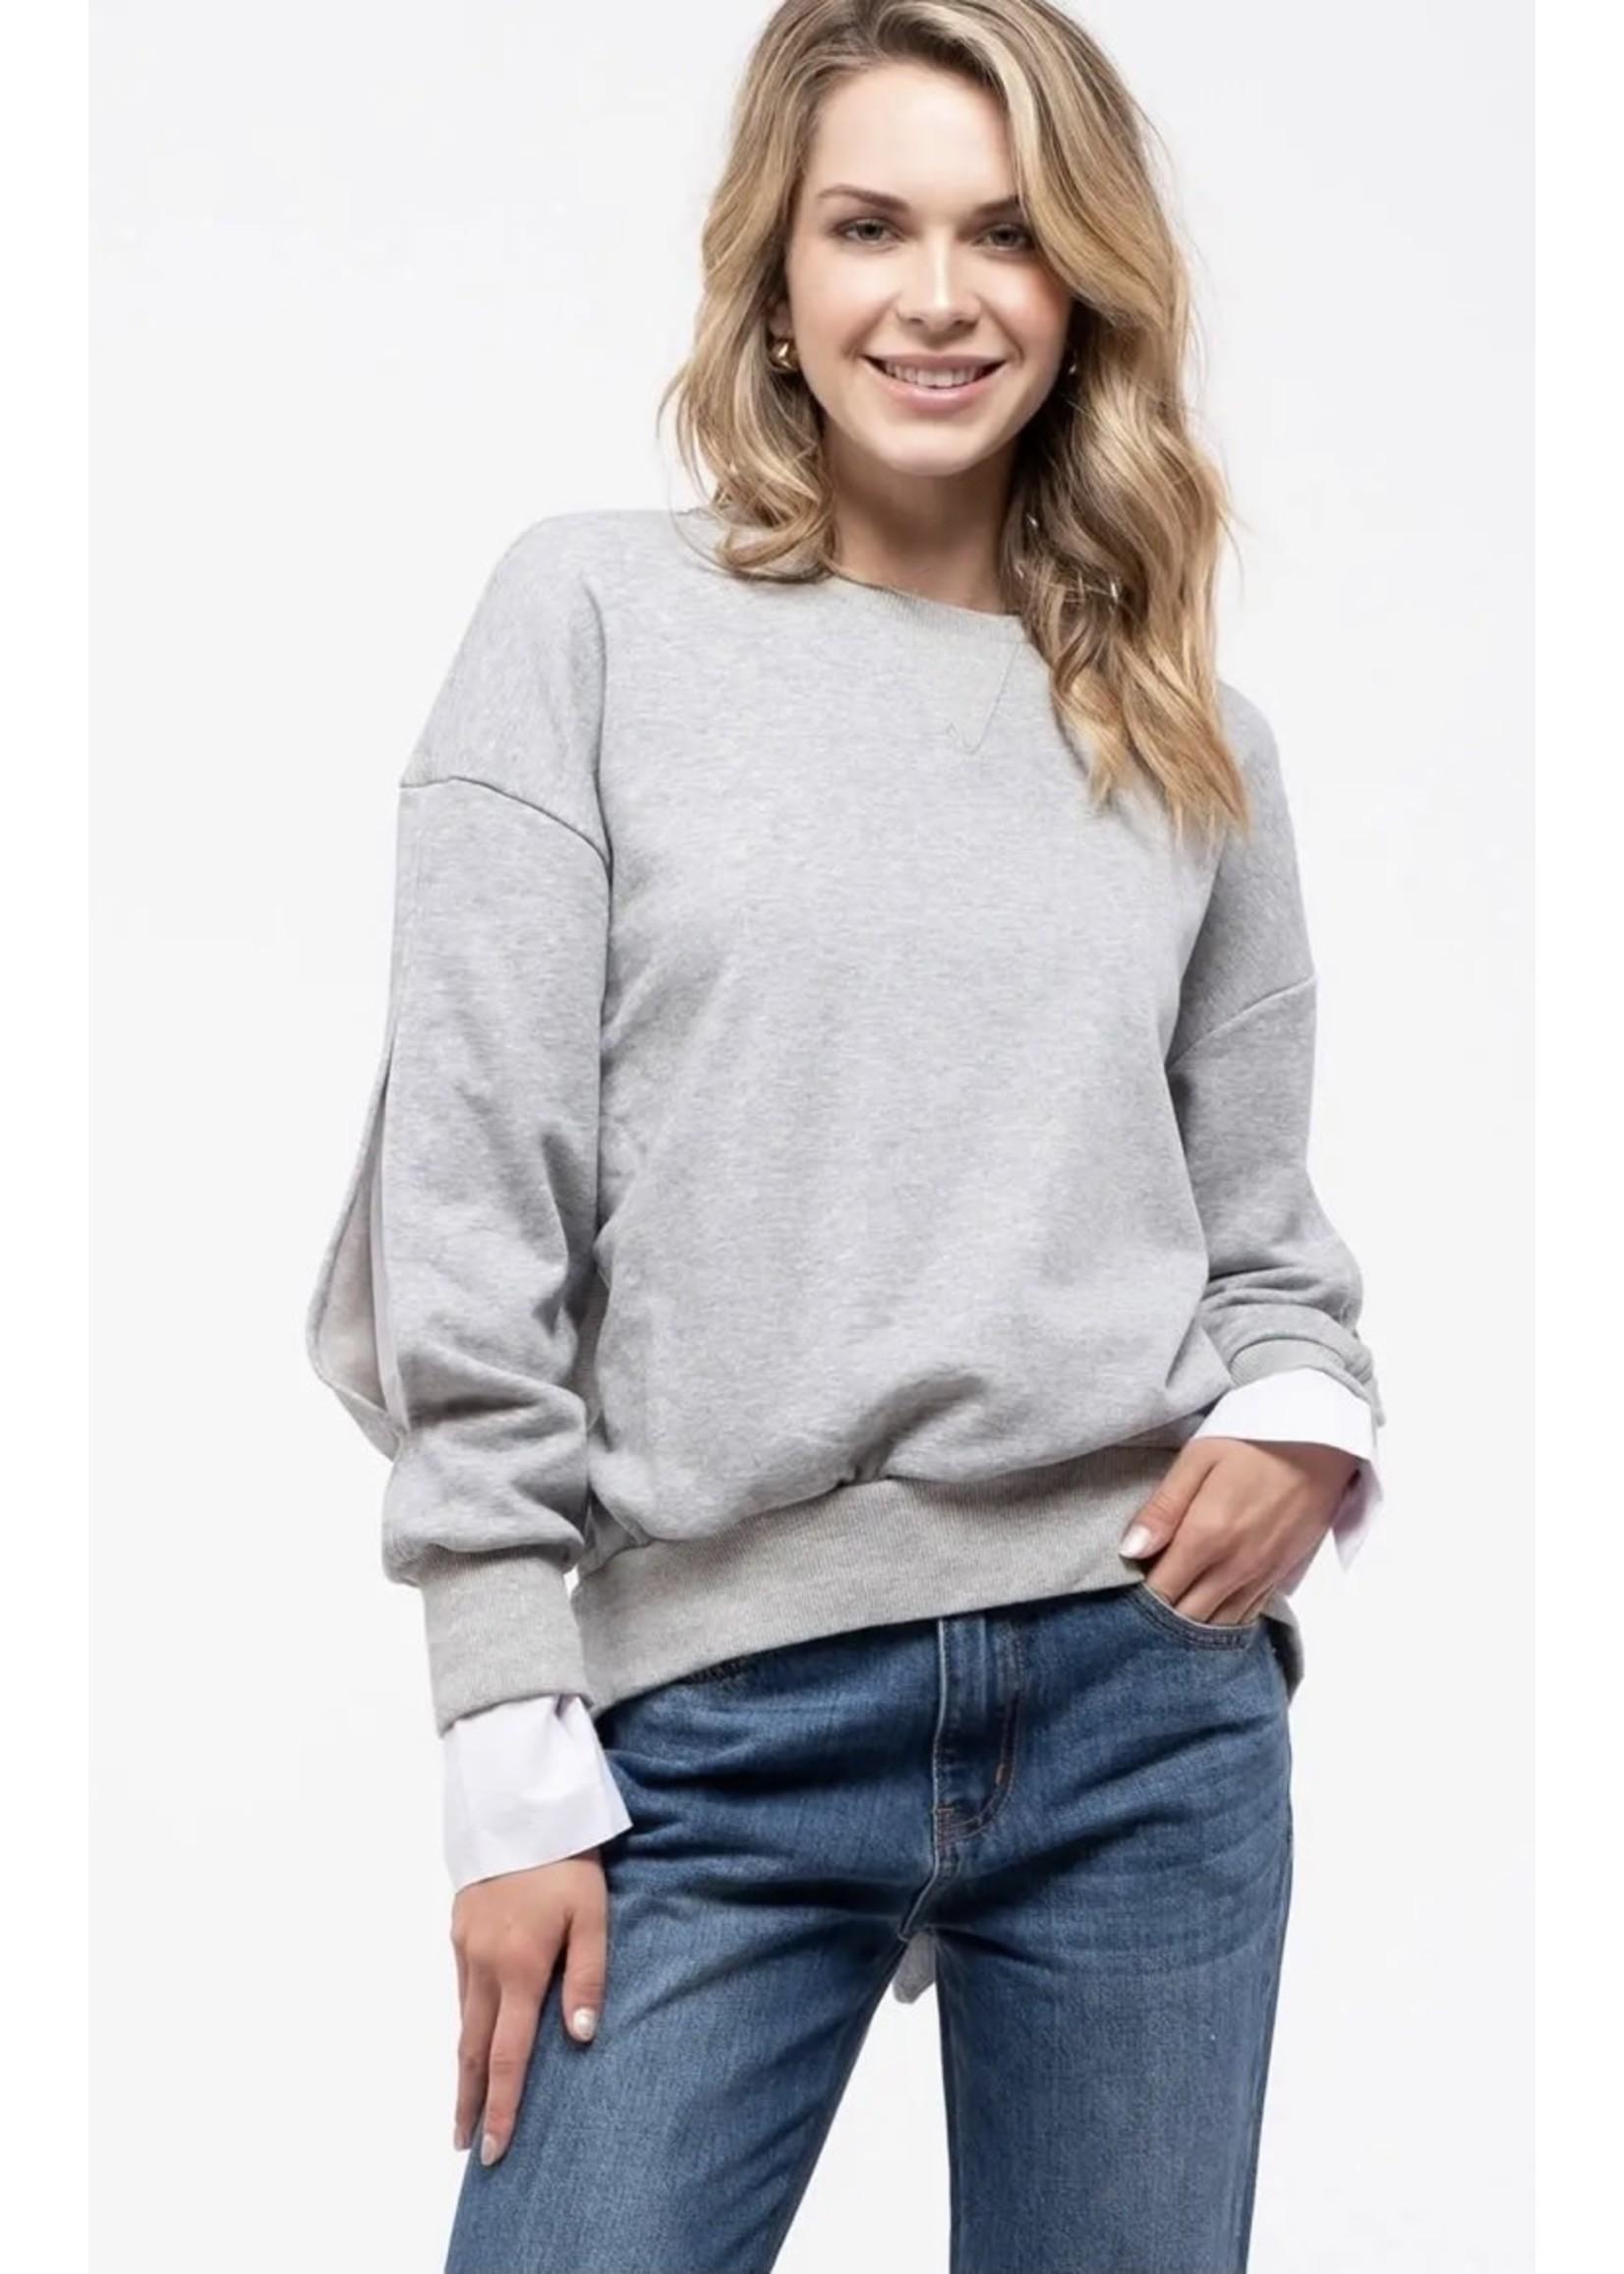 Blu Pepper High Rise Back Sweater